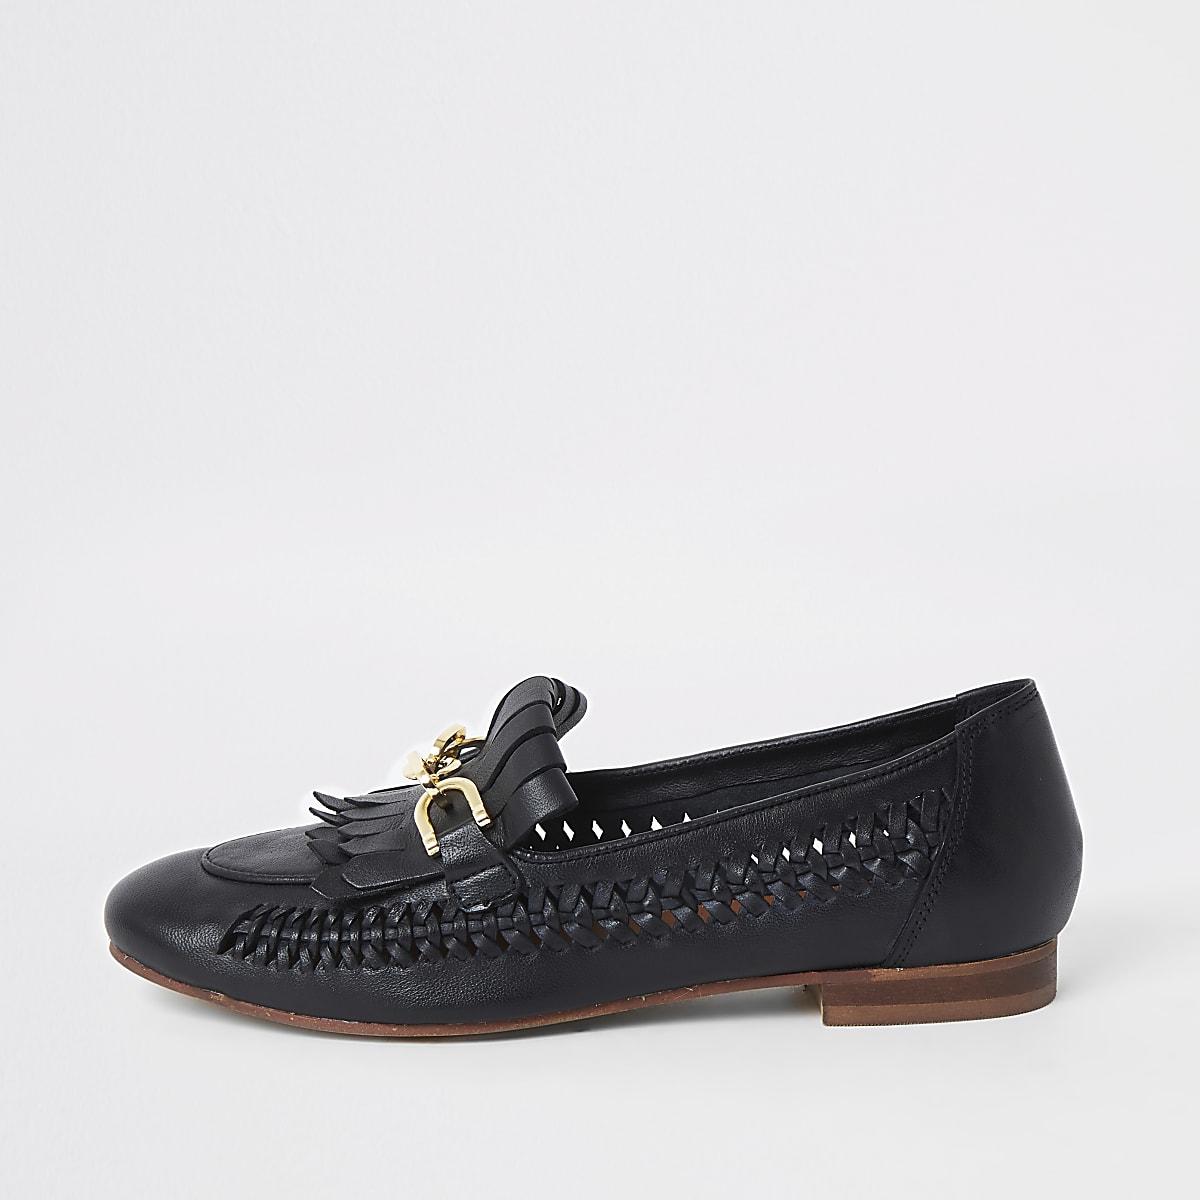 Zwarte gevlochten leren loafers